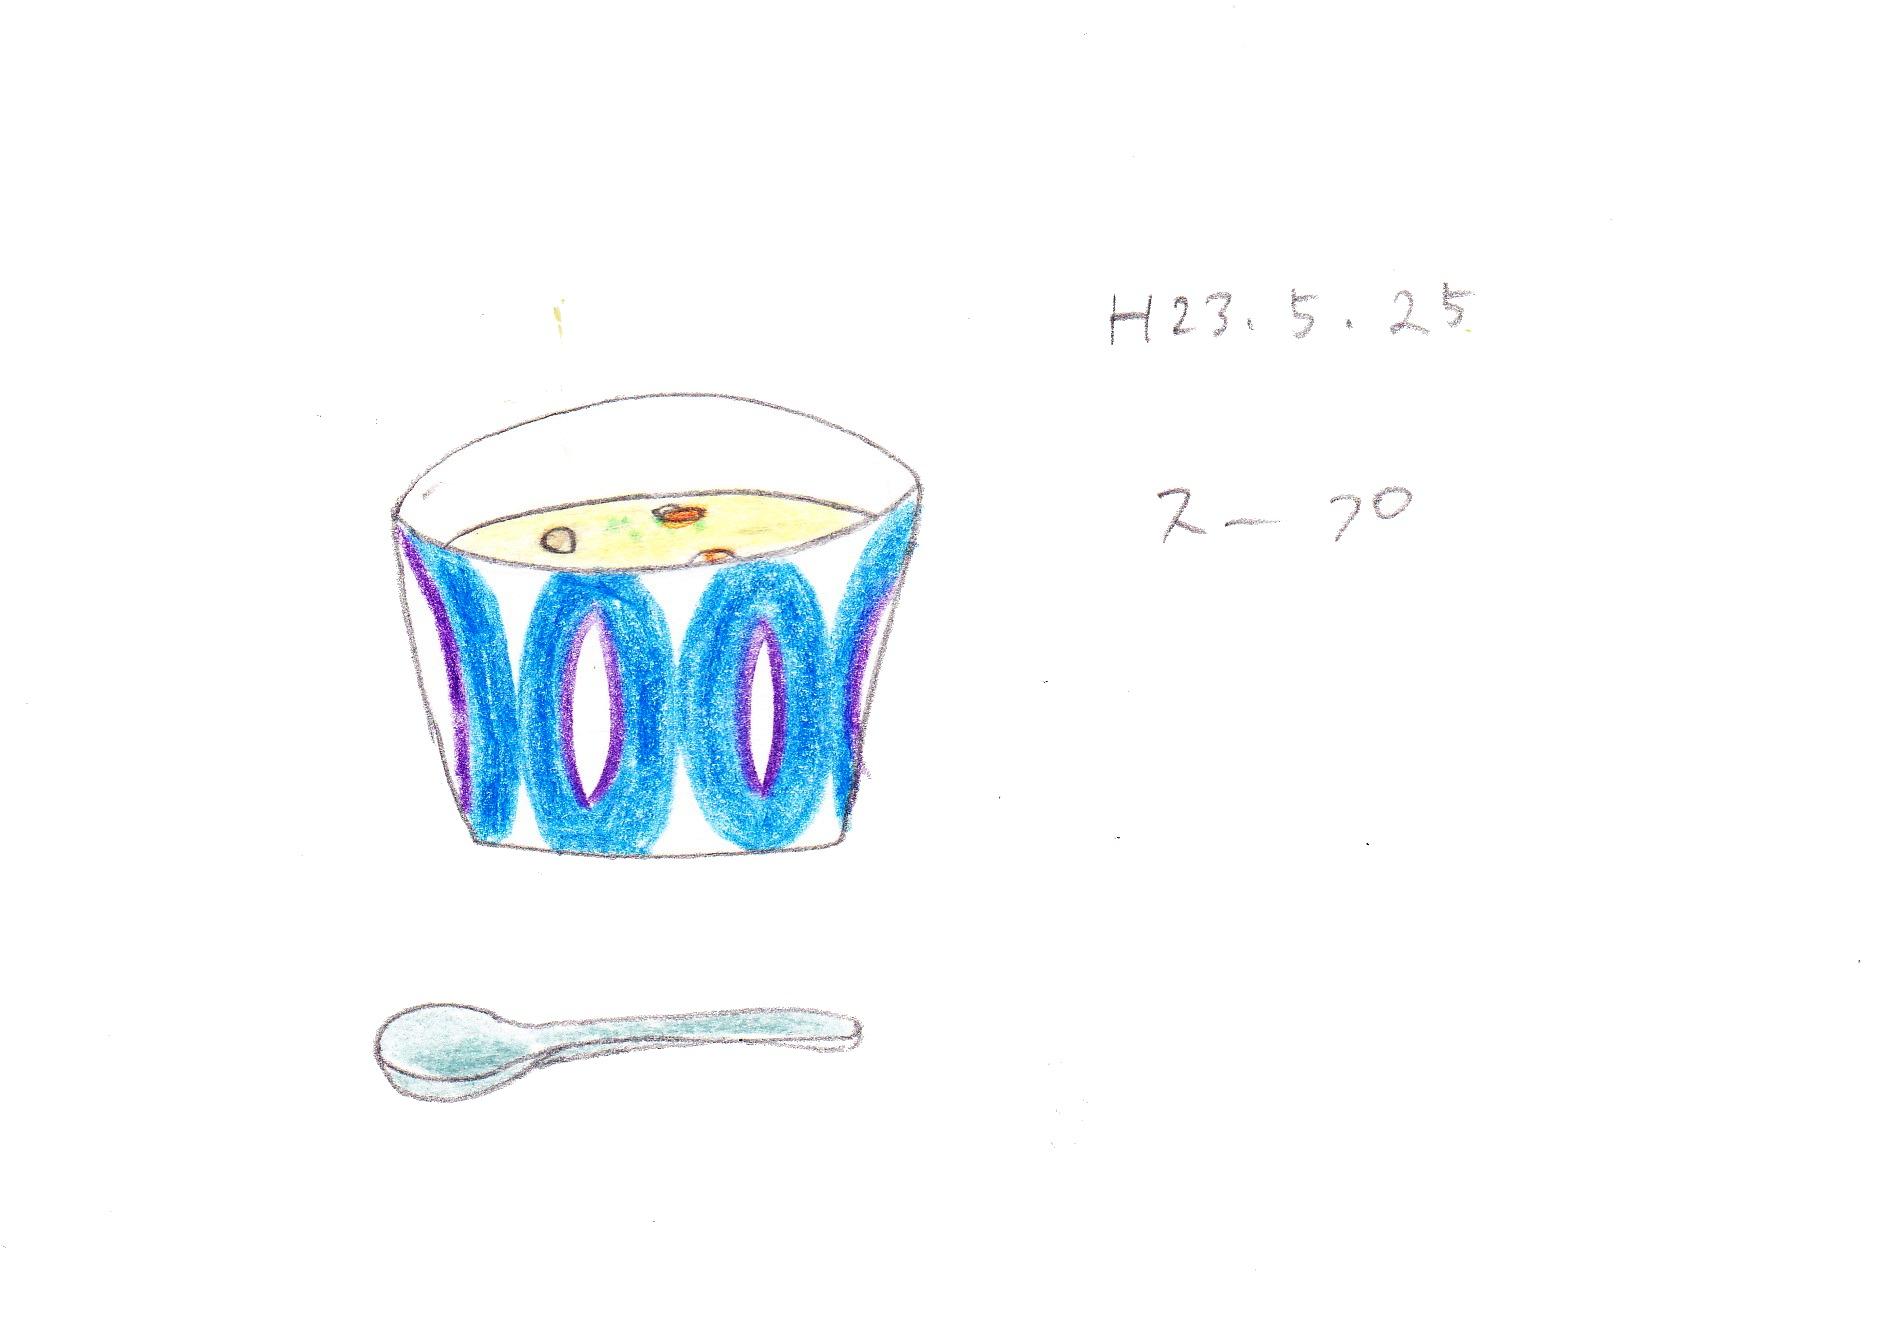 b0226011_2221448.jpg